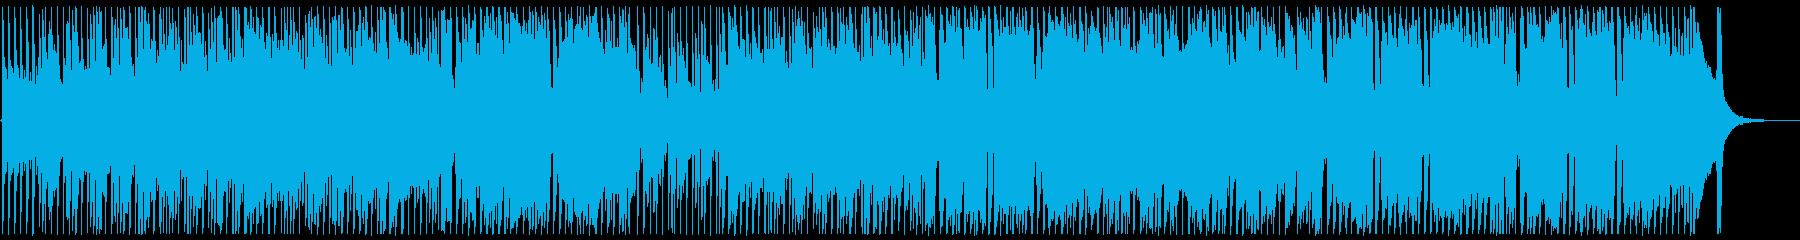 ロックインストゥルメンタル。 「ク...の再生済みの波形